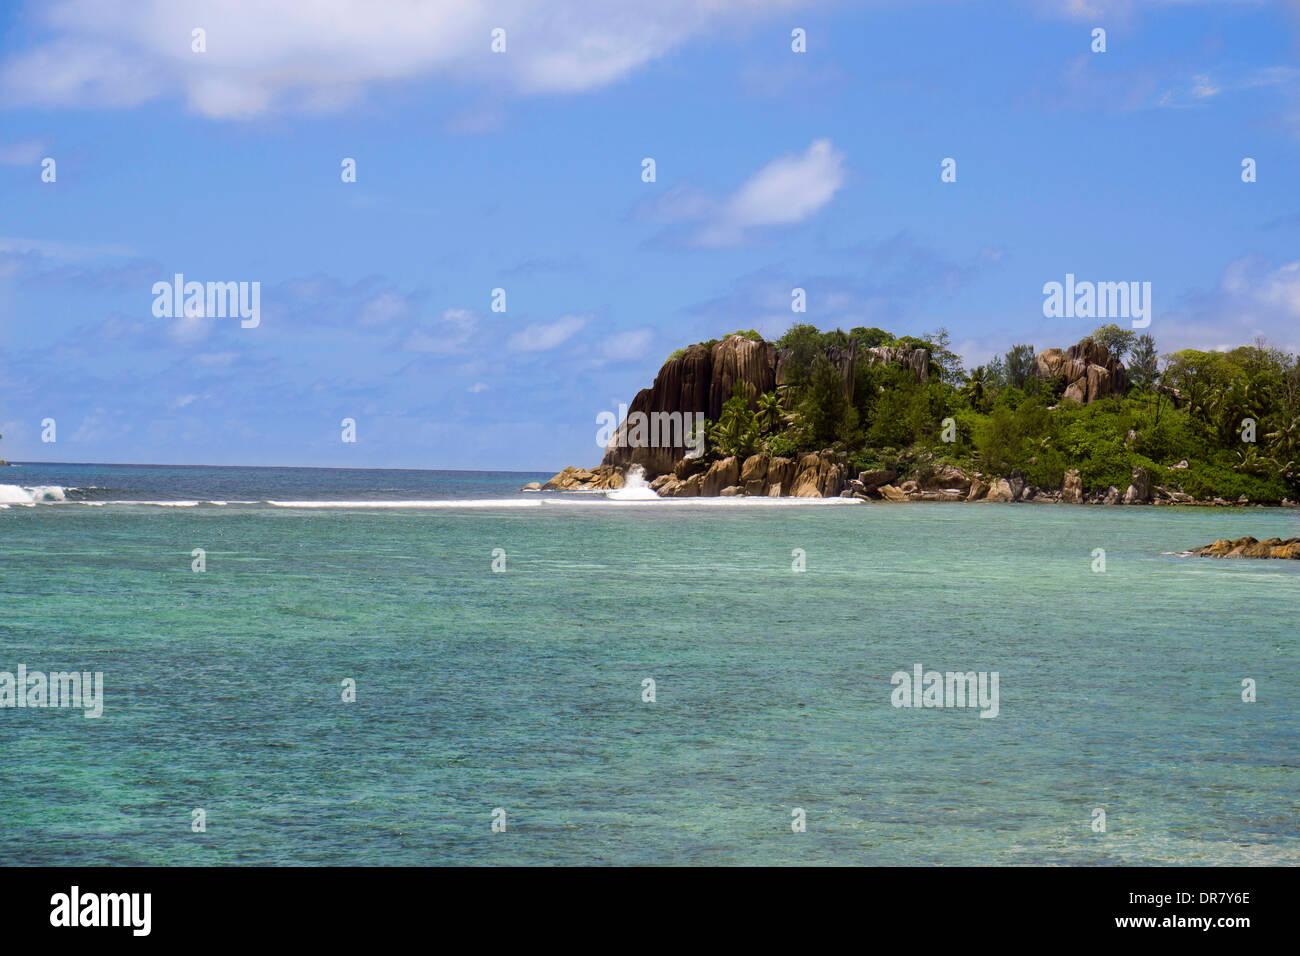 Coast formed by rocks, Mahe, Seychelles - Stock Image